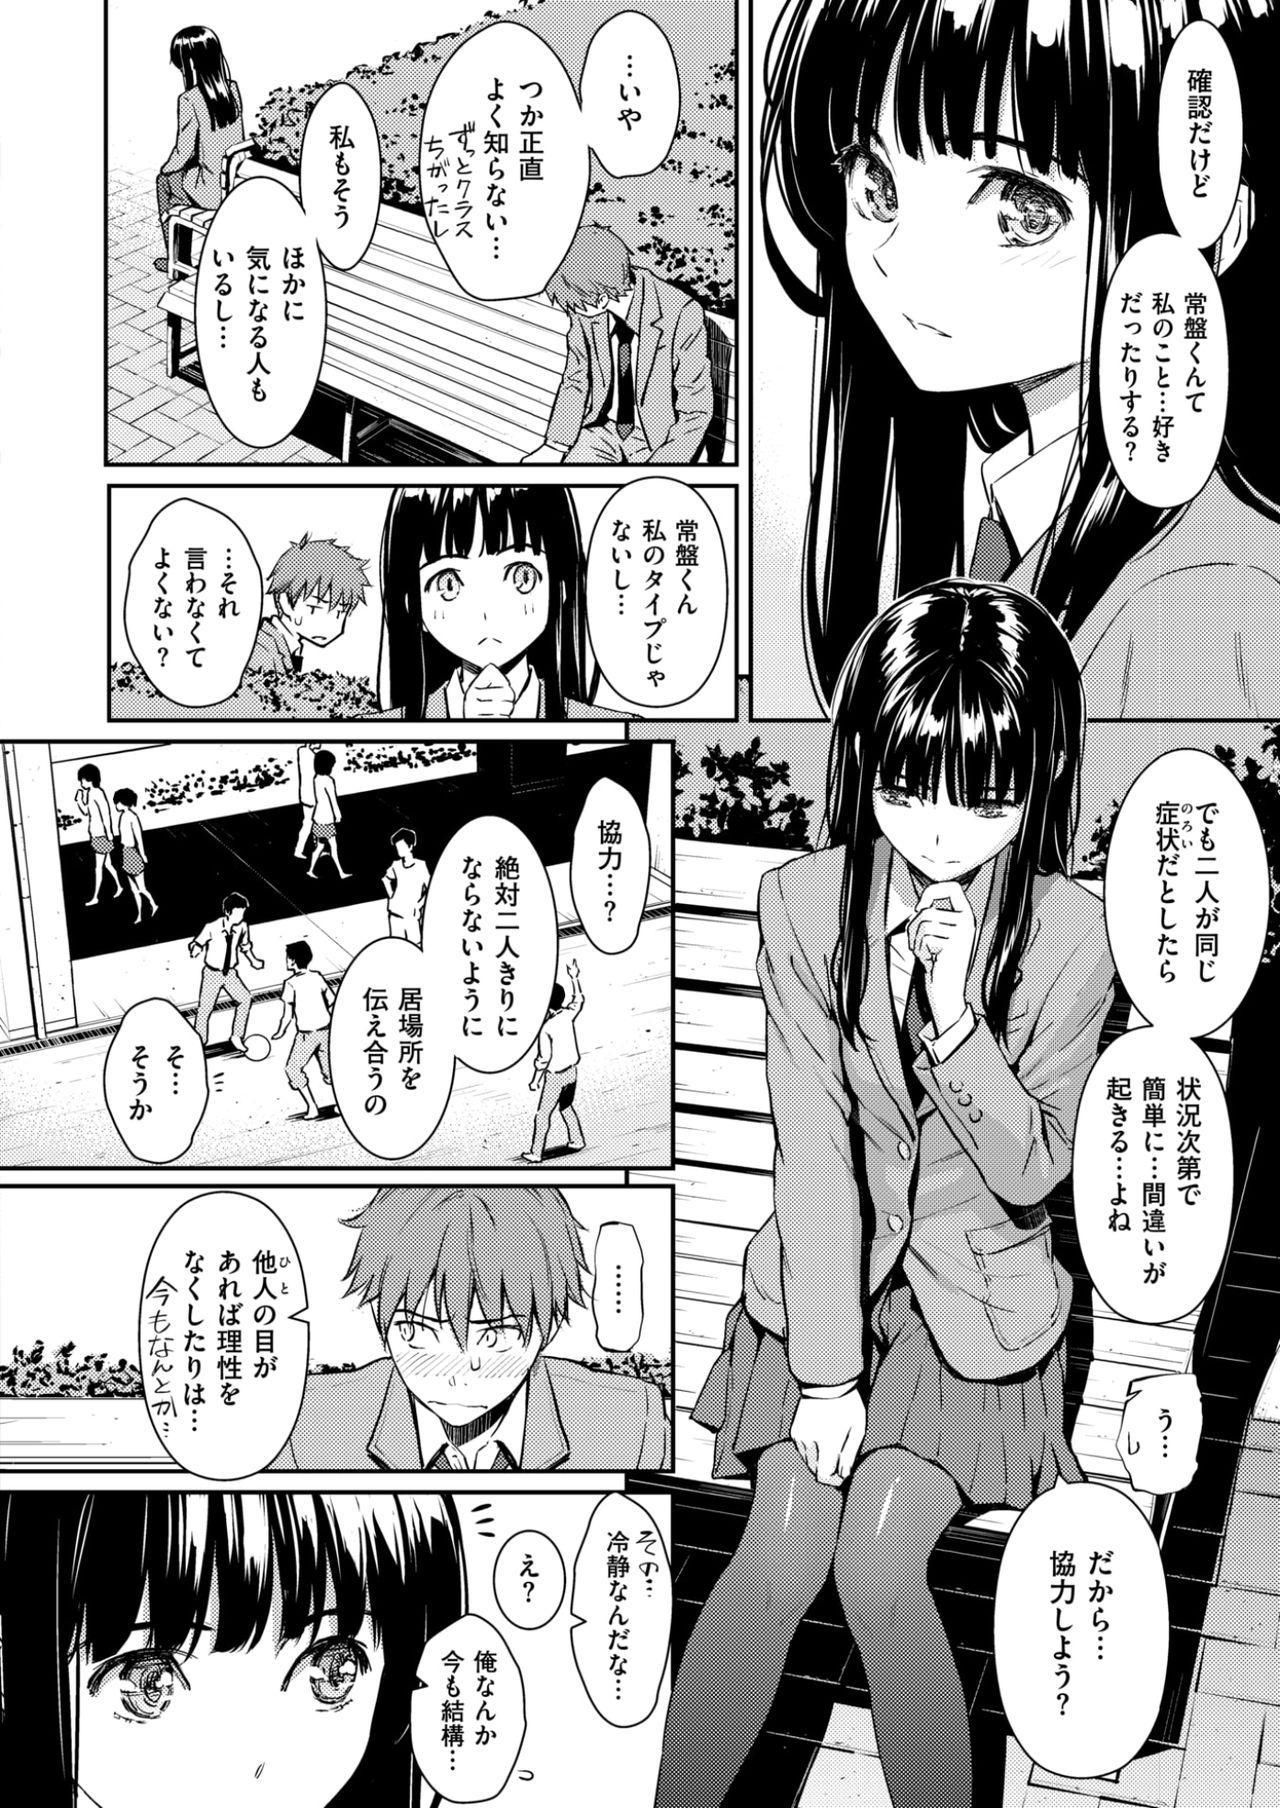 COMIC Kairakuten 2017-11 14